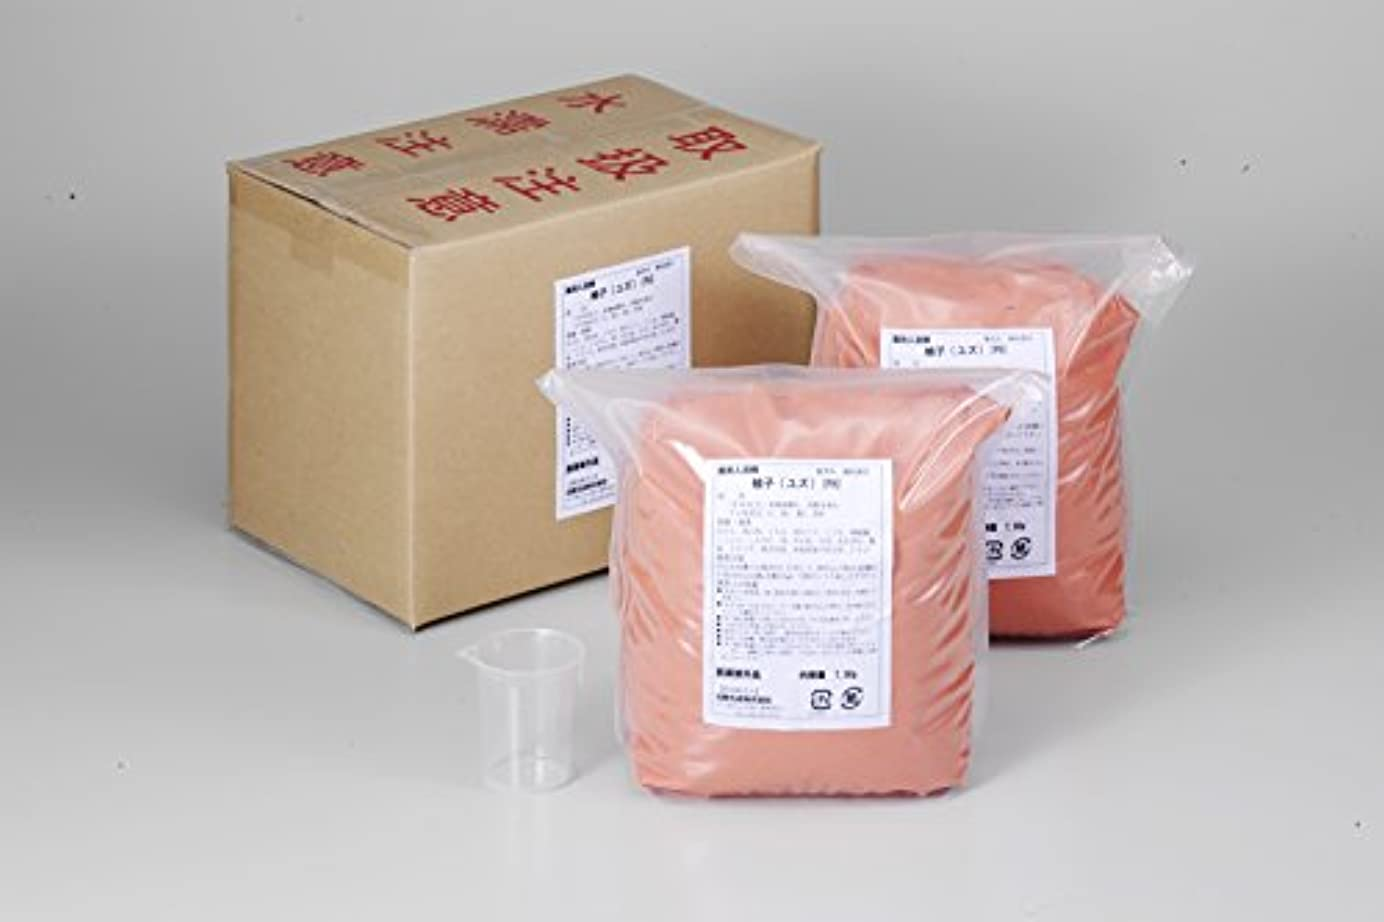 業務用入浴剤「ユズ」15kg(7.5kg×2)